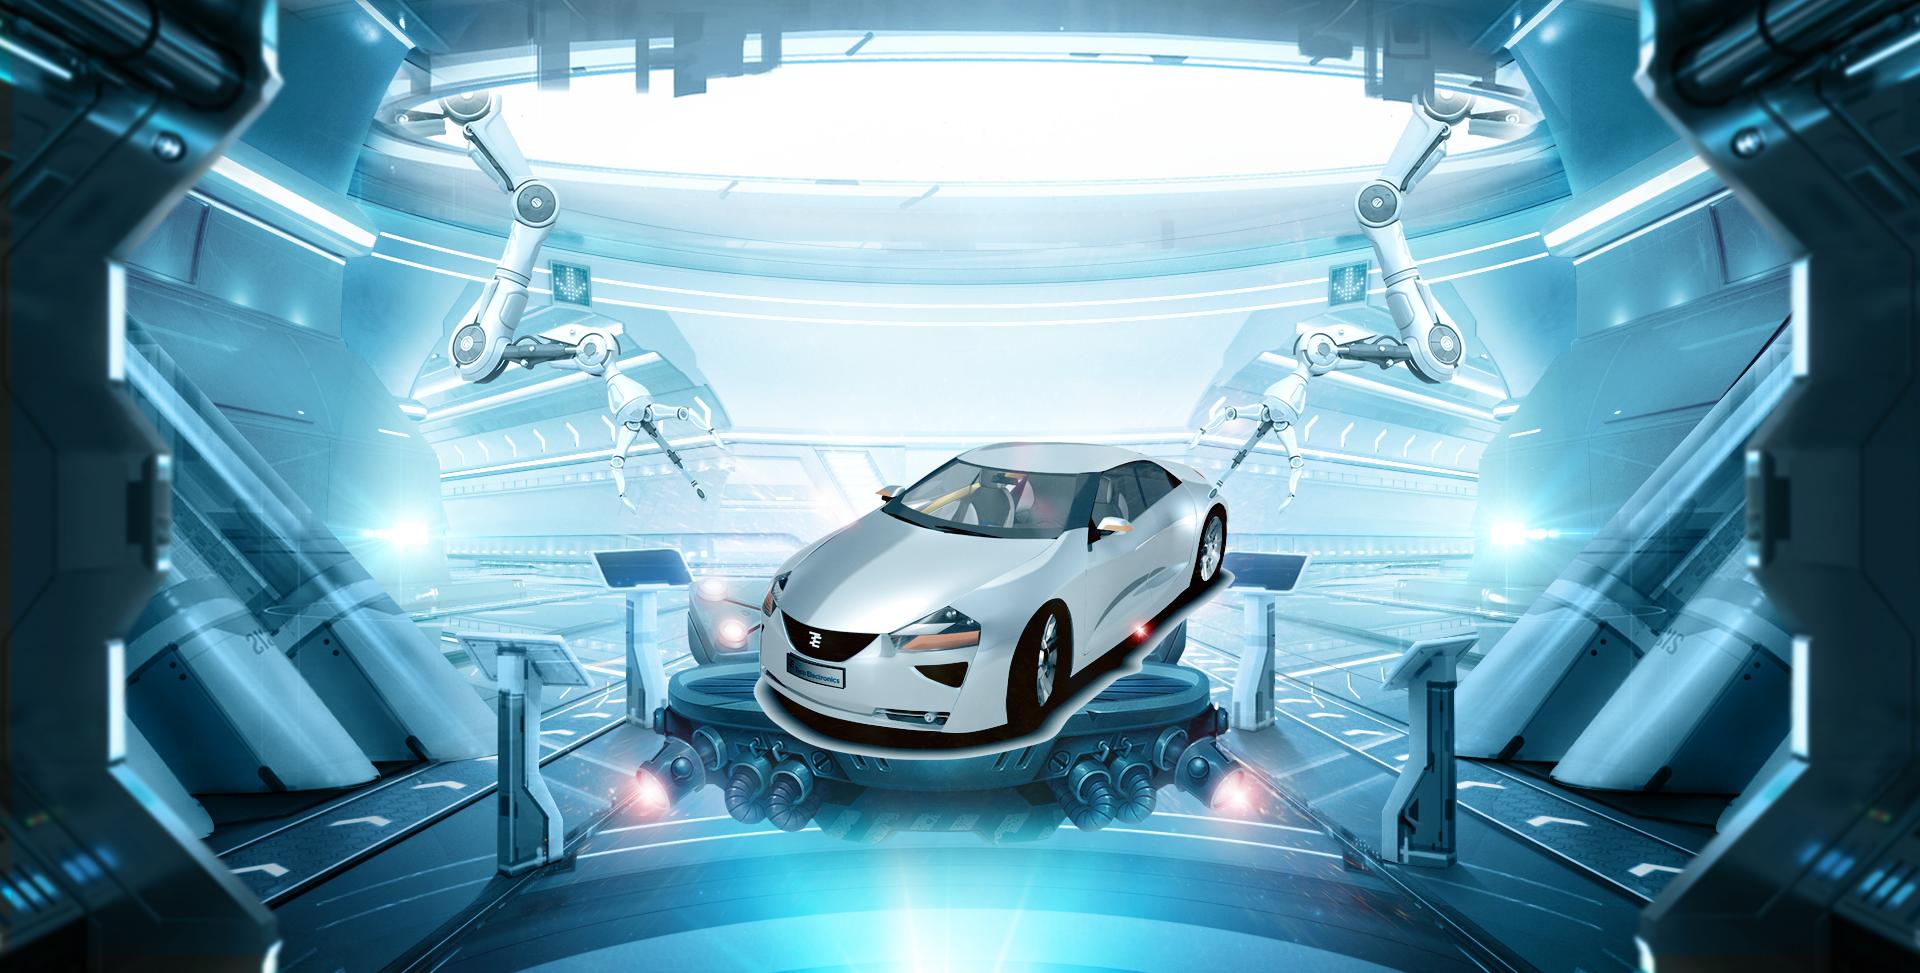 新能源汽車高壓連接器技術、設計及趨勢